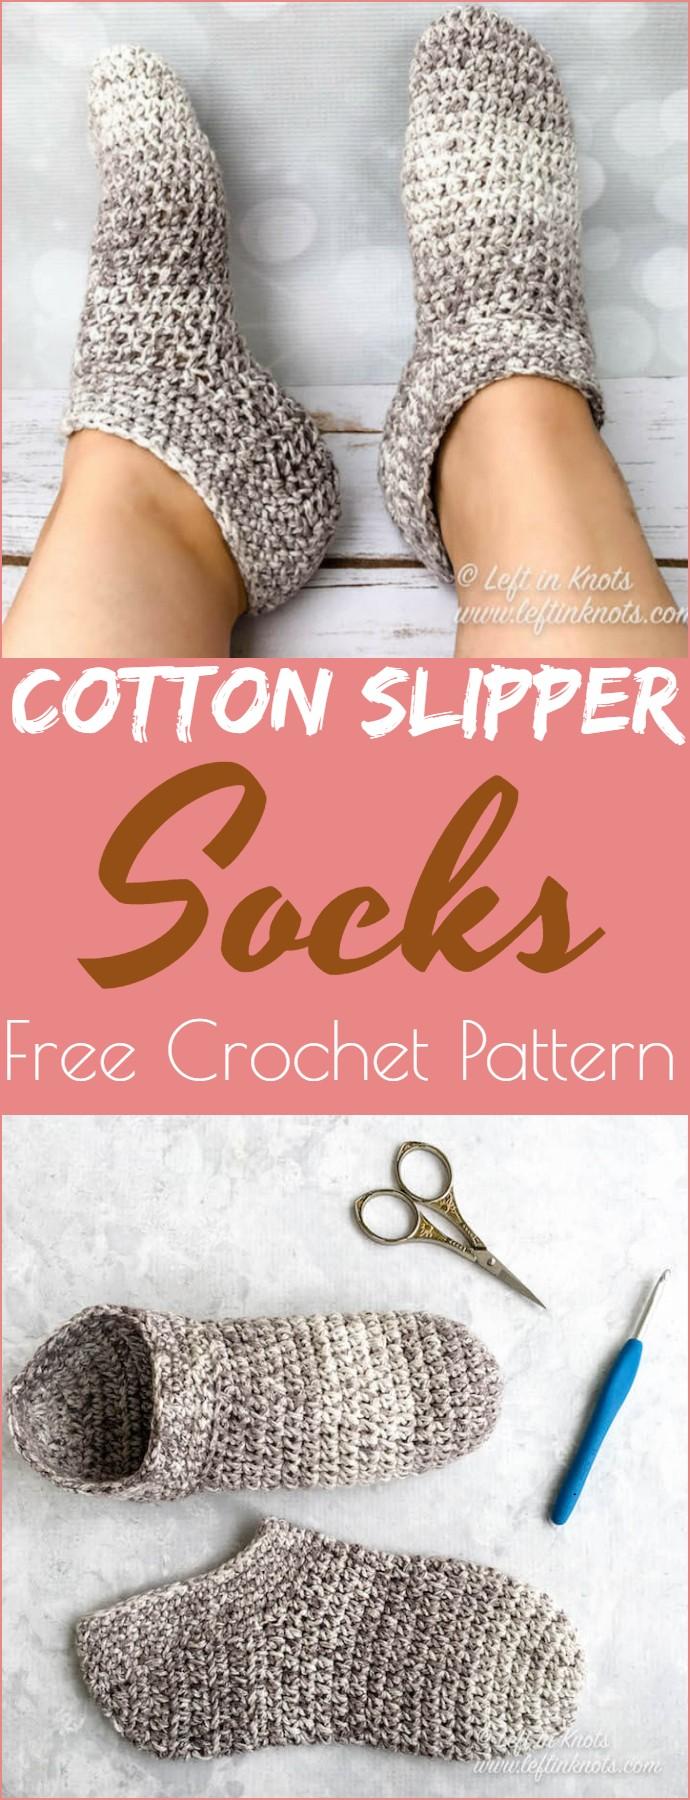 Cotton Slipper Socks Free Crochet Pattern